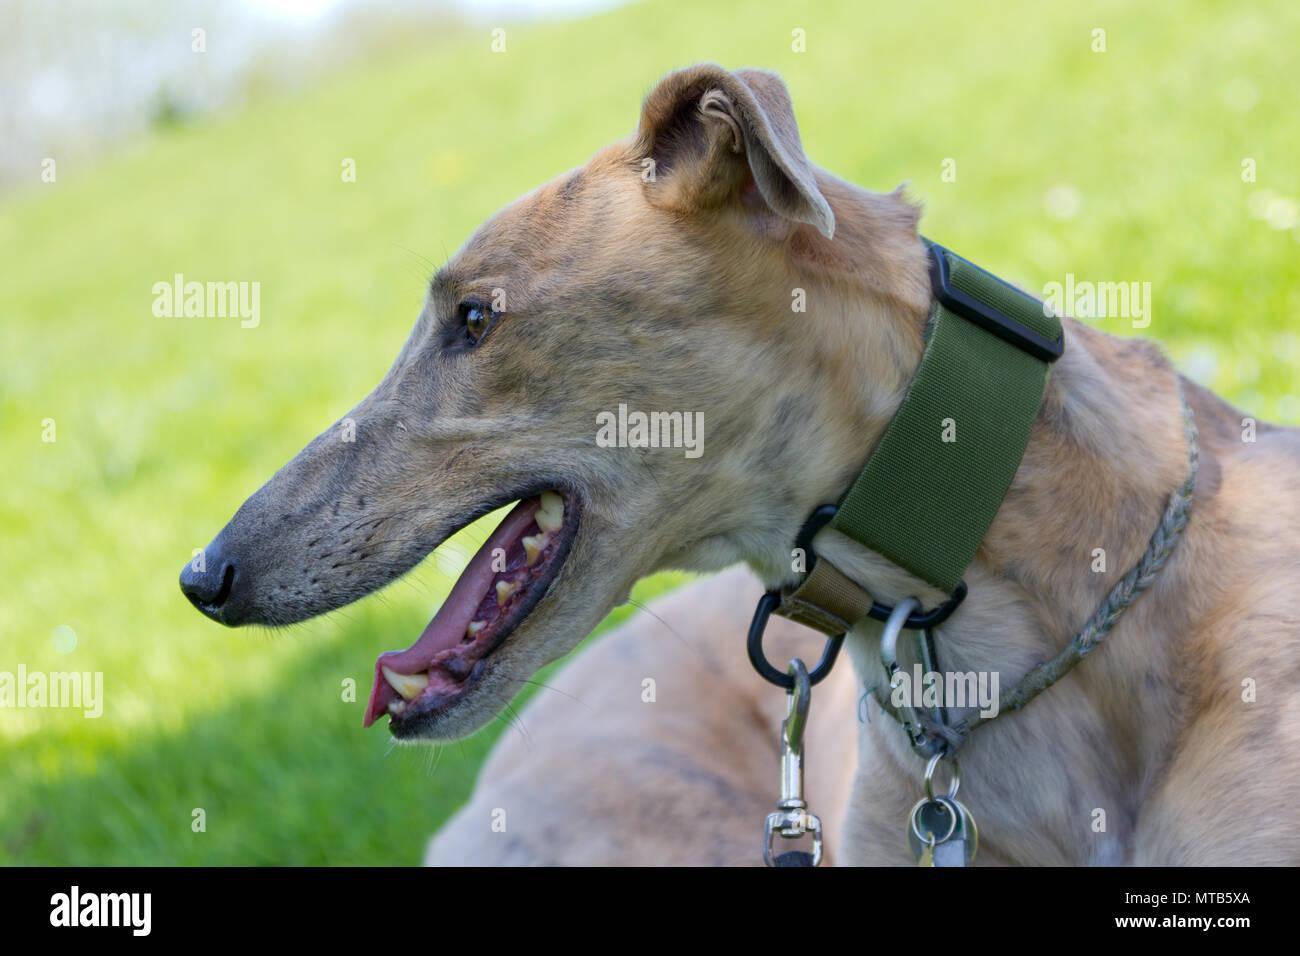 Greyhound Dog - Stock Image